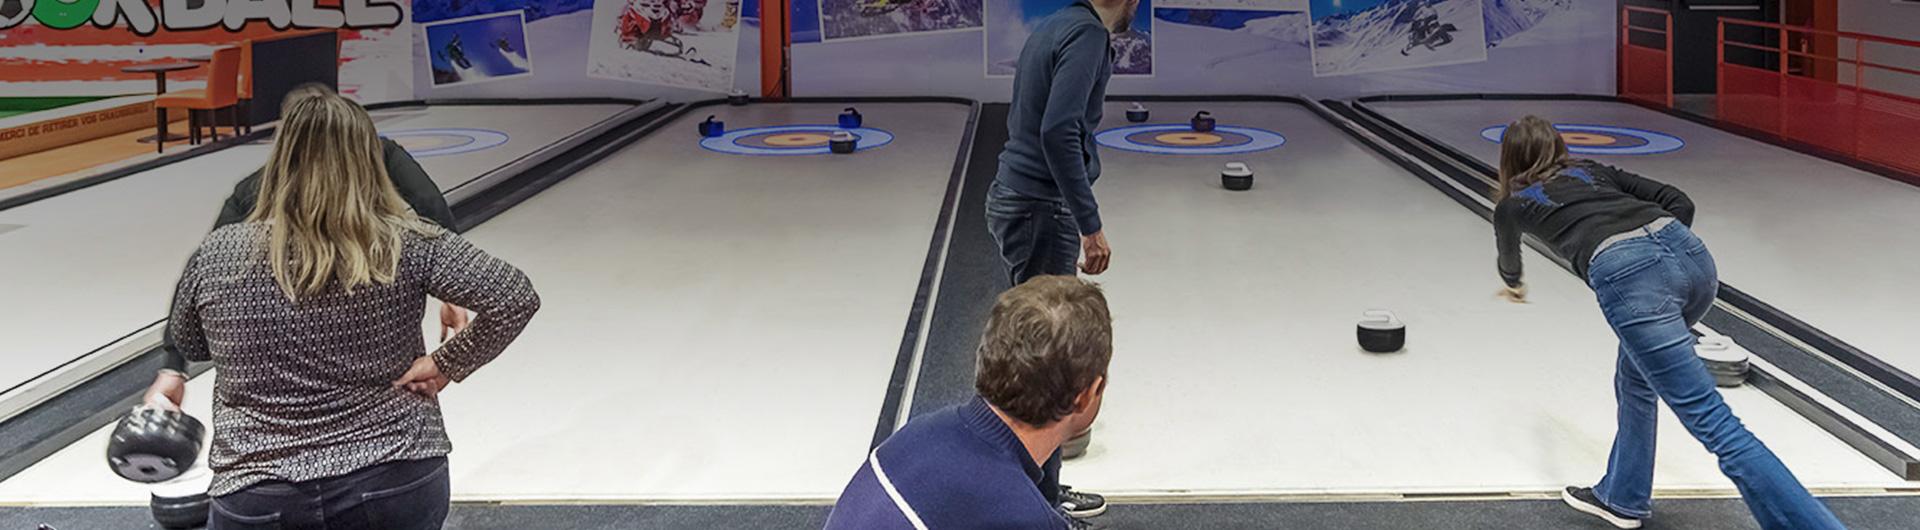 Curlingbaan op synthetisch ijs van Xtraice